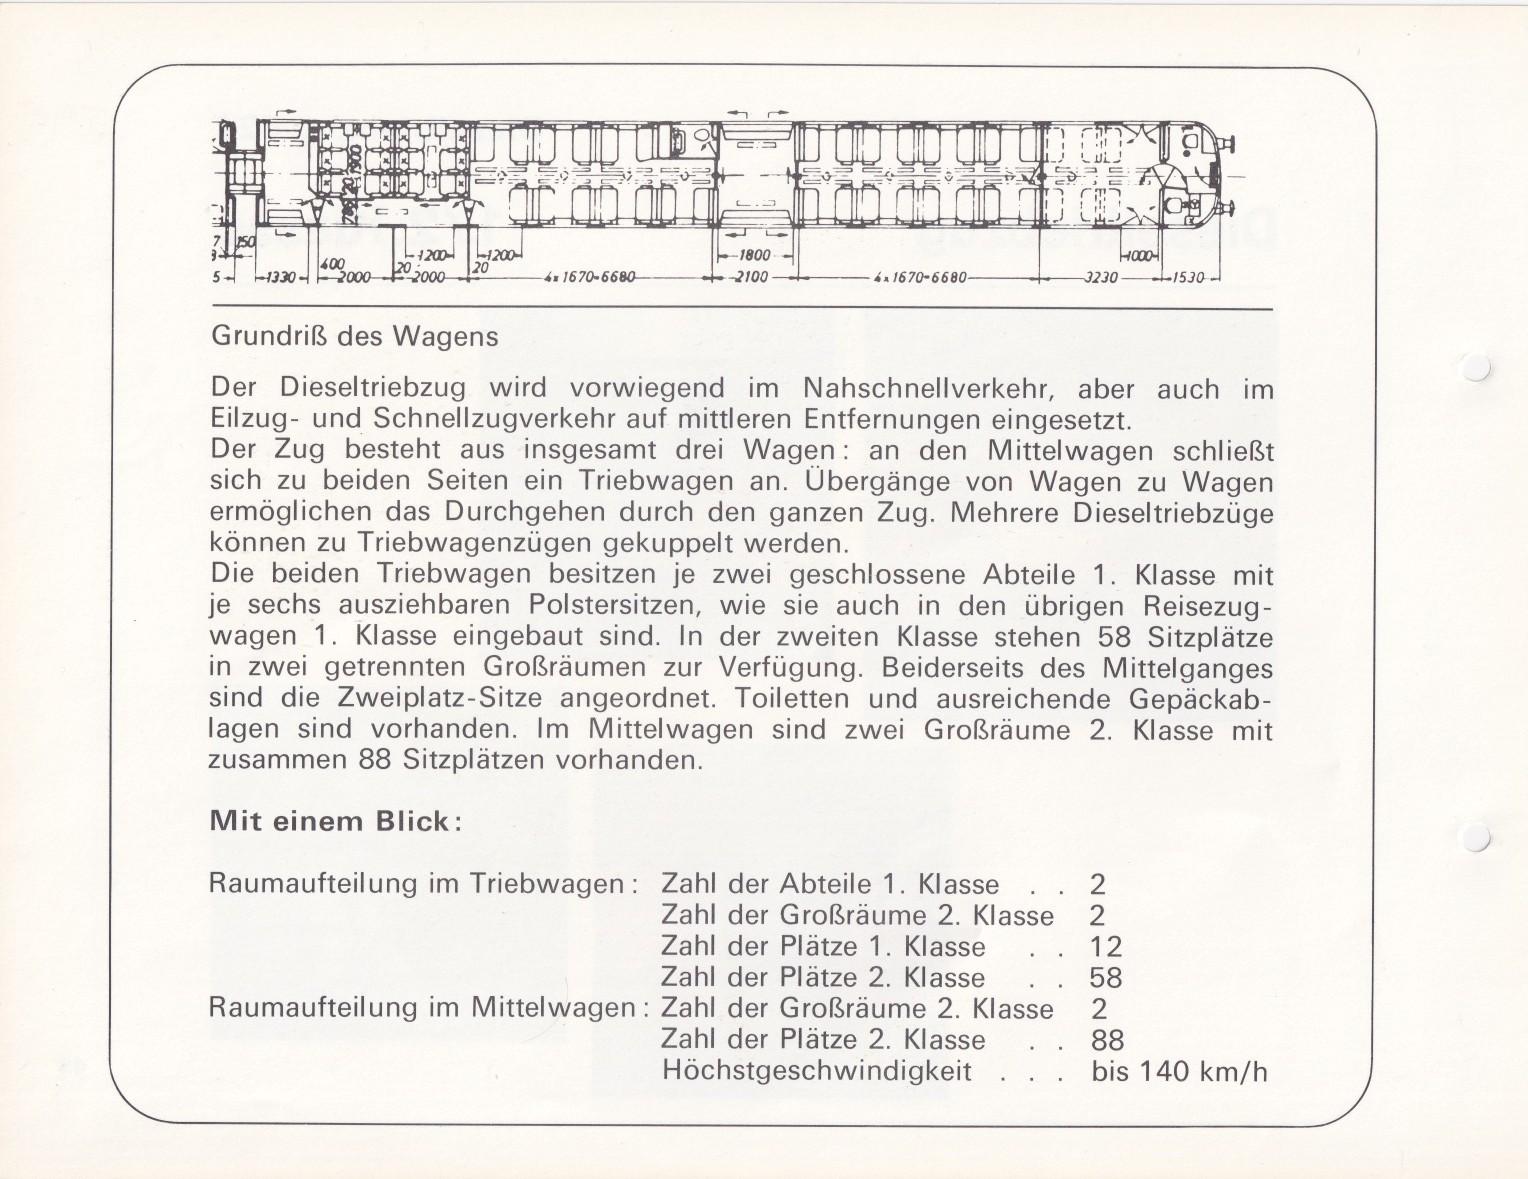 https://www.nullclub.de/hifo/Fahrzeuglexikon/Wagen49b.jpg